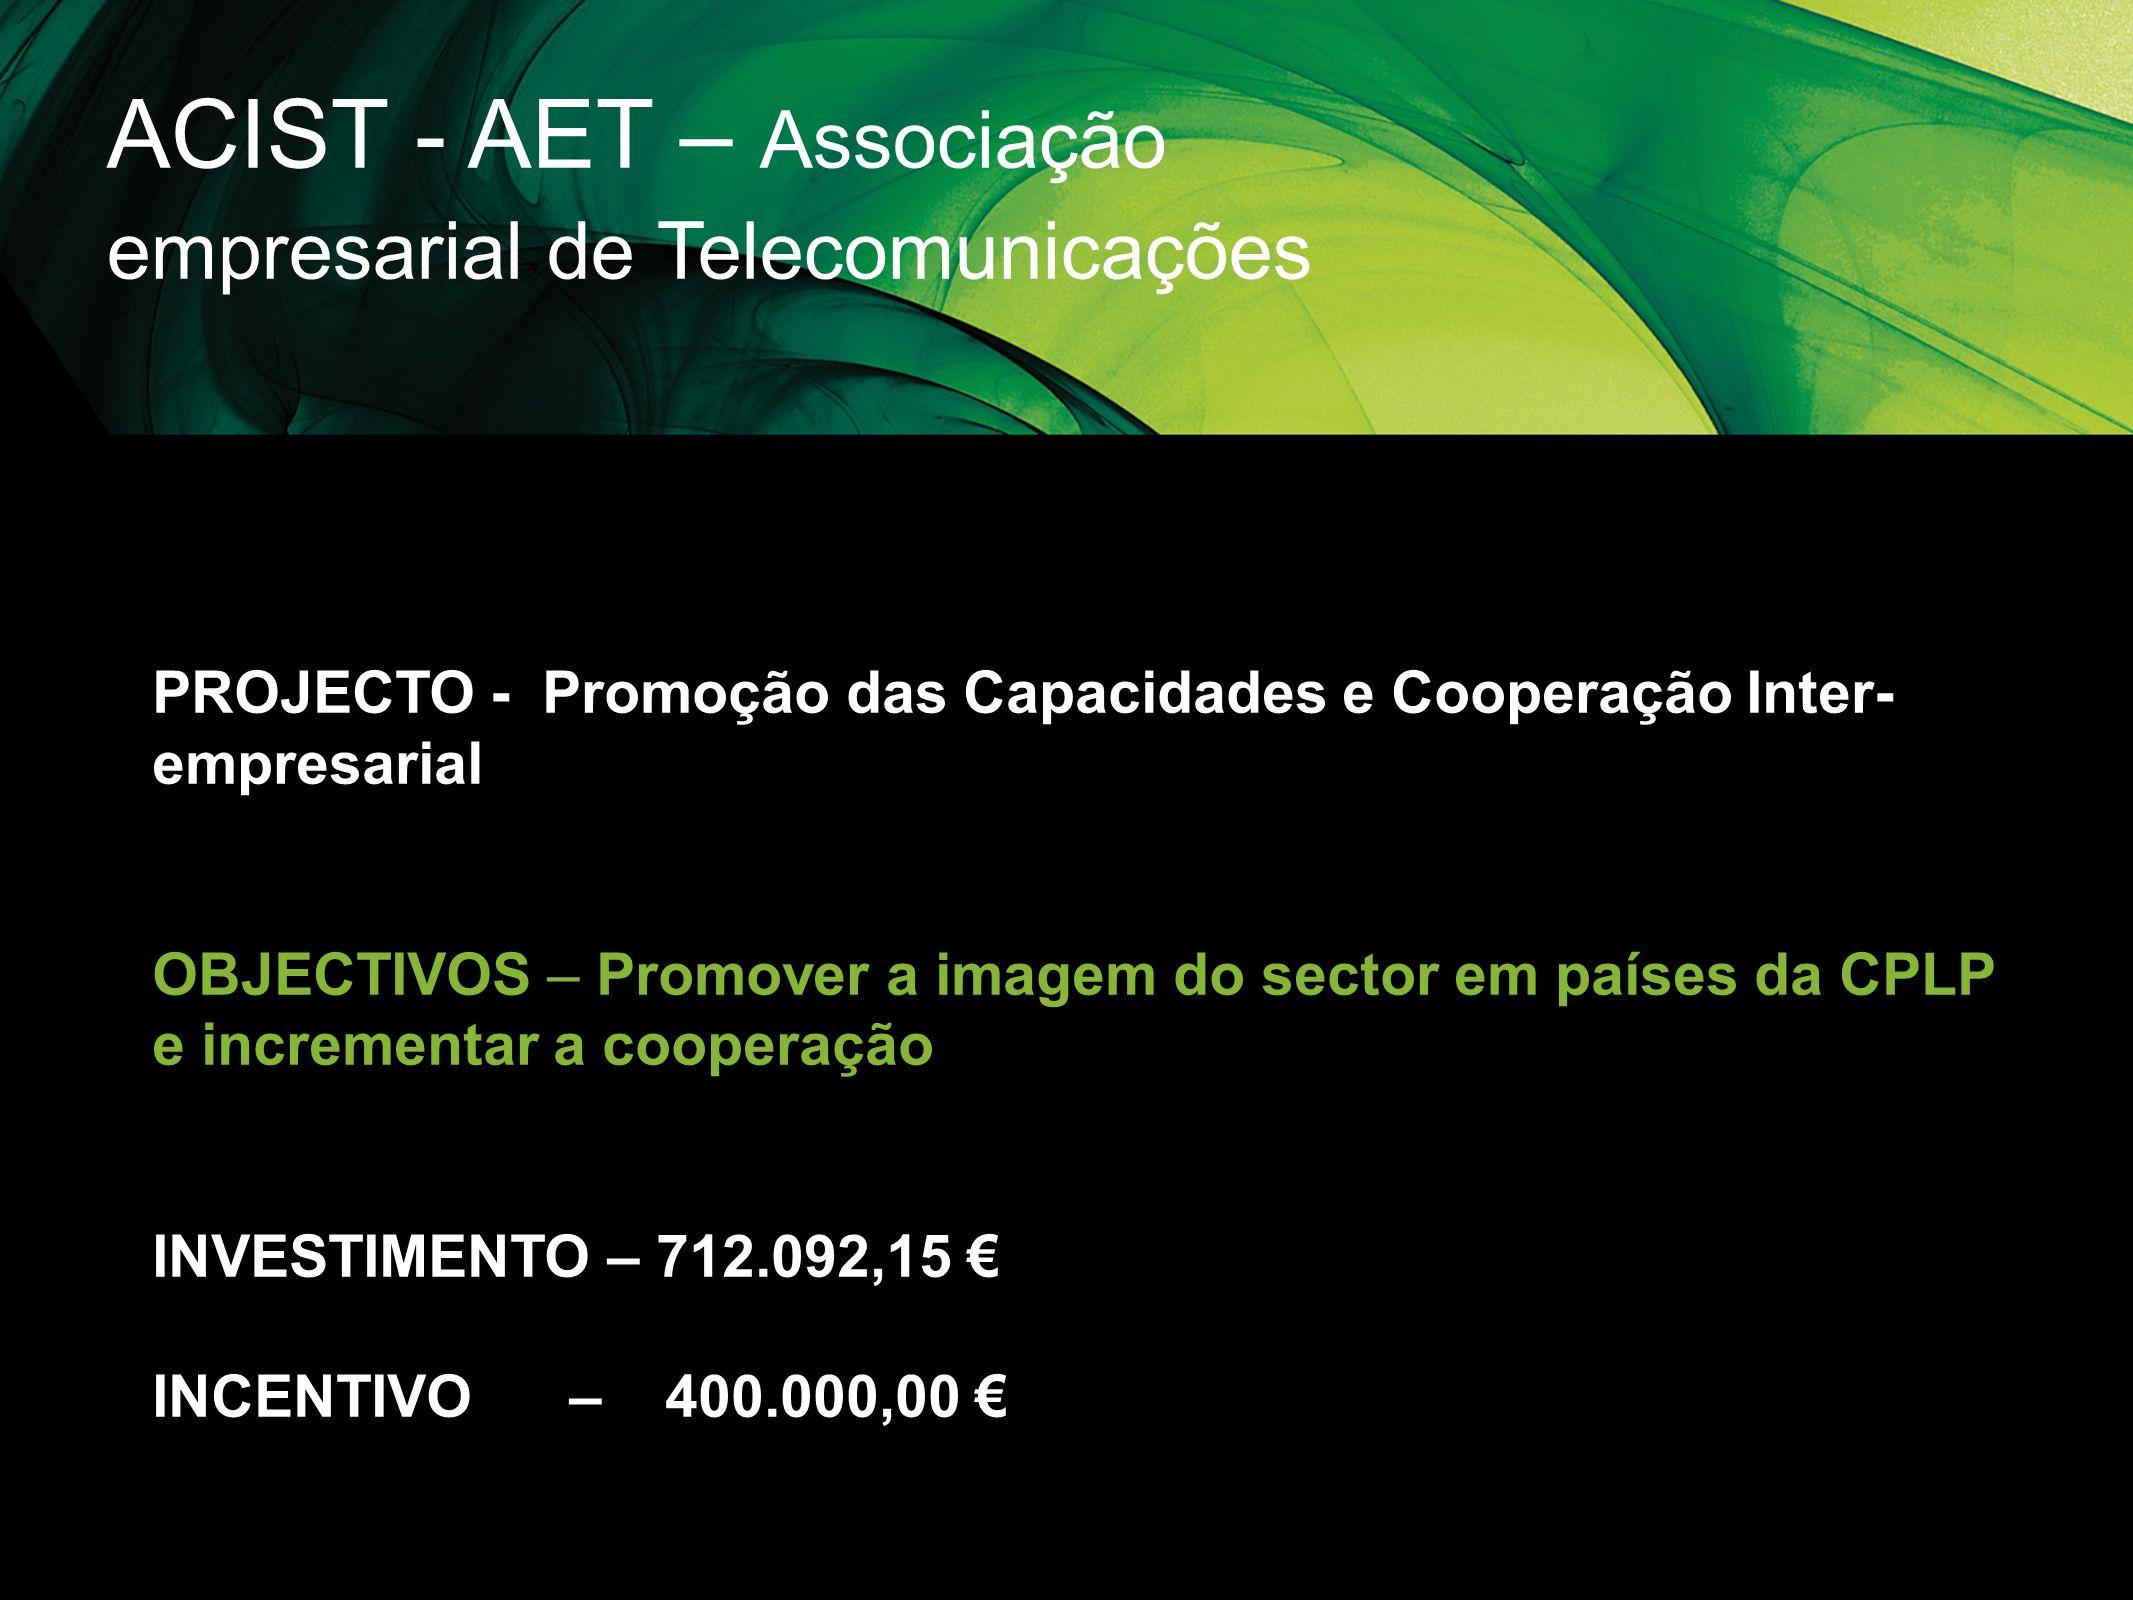 ACIST - AET – Associação empresarial de Telecomunicações